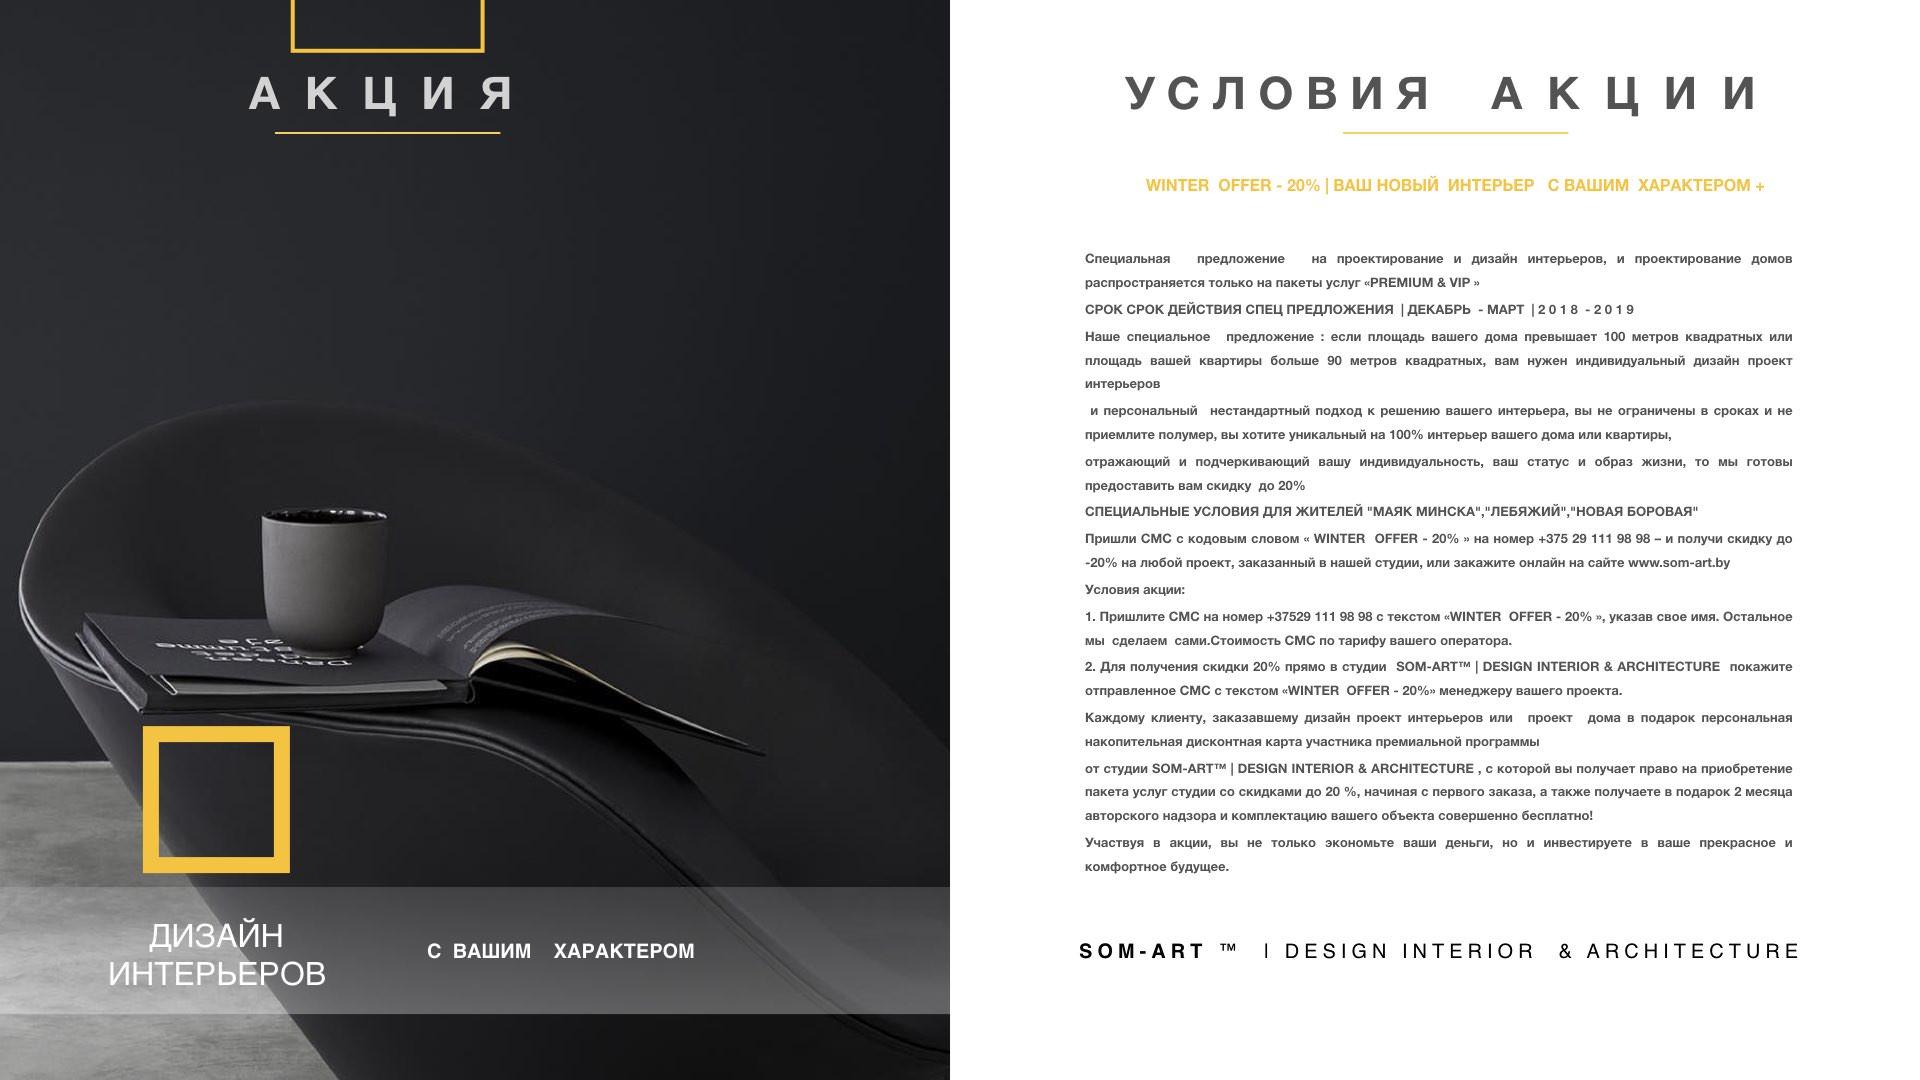 2018-2019 -SOM-ART ™ | DESIGN INTERIOR & ARHITECTURE .006